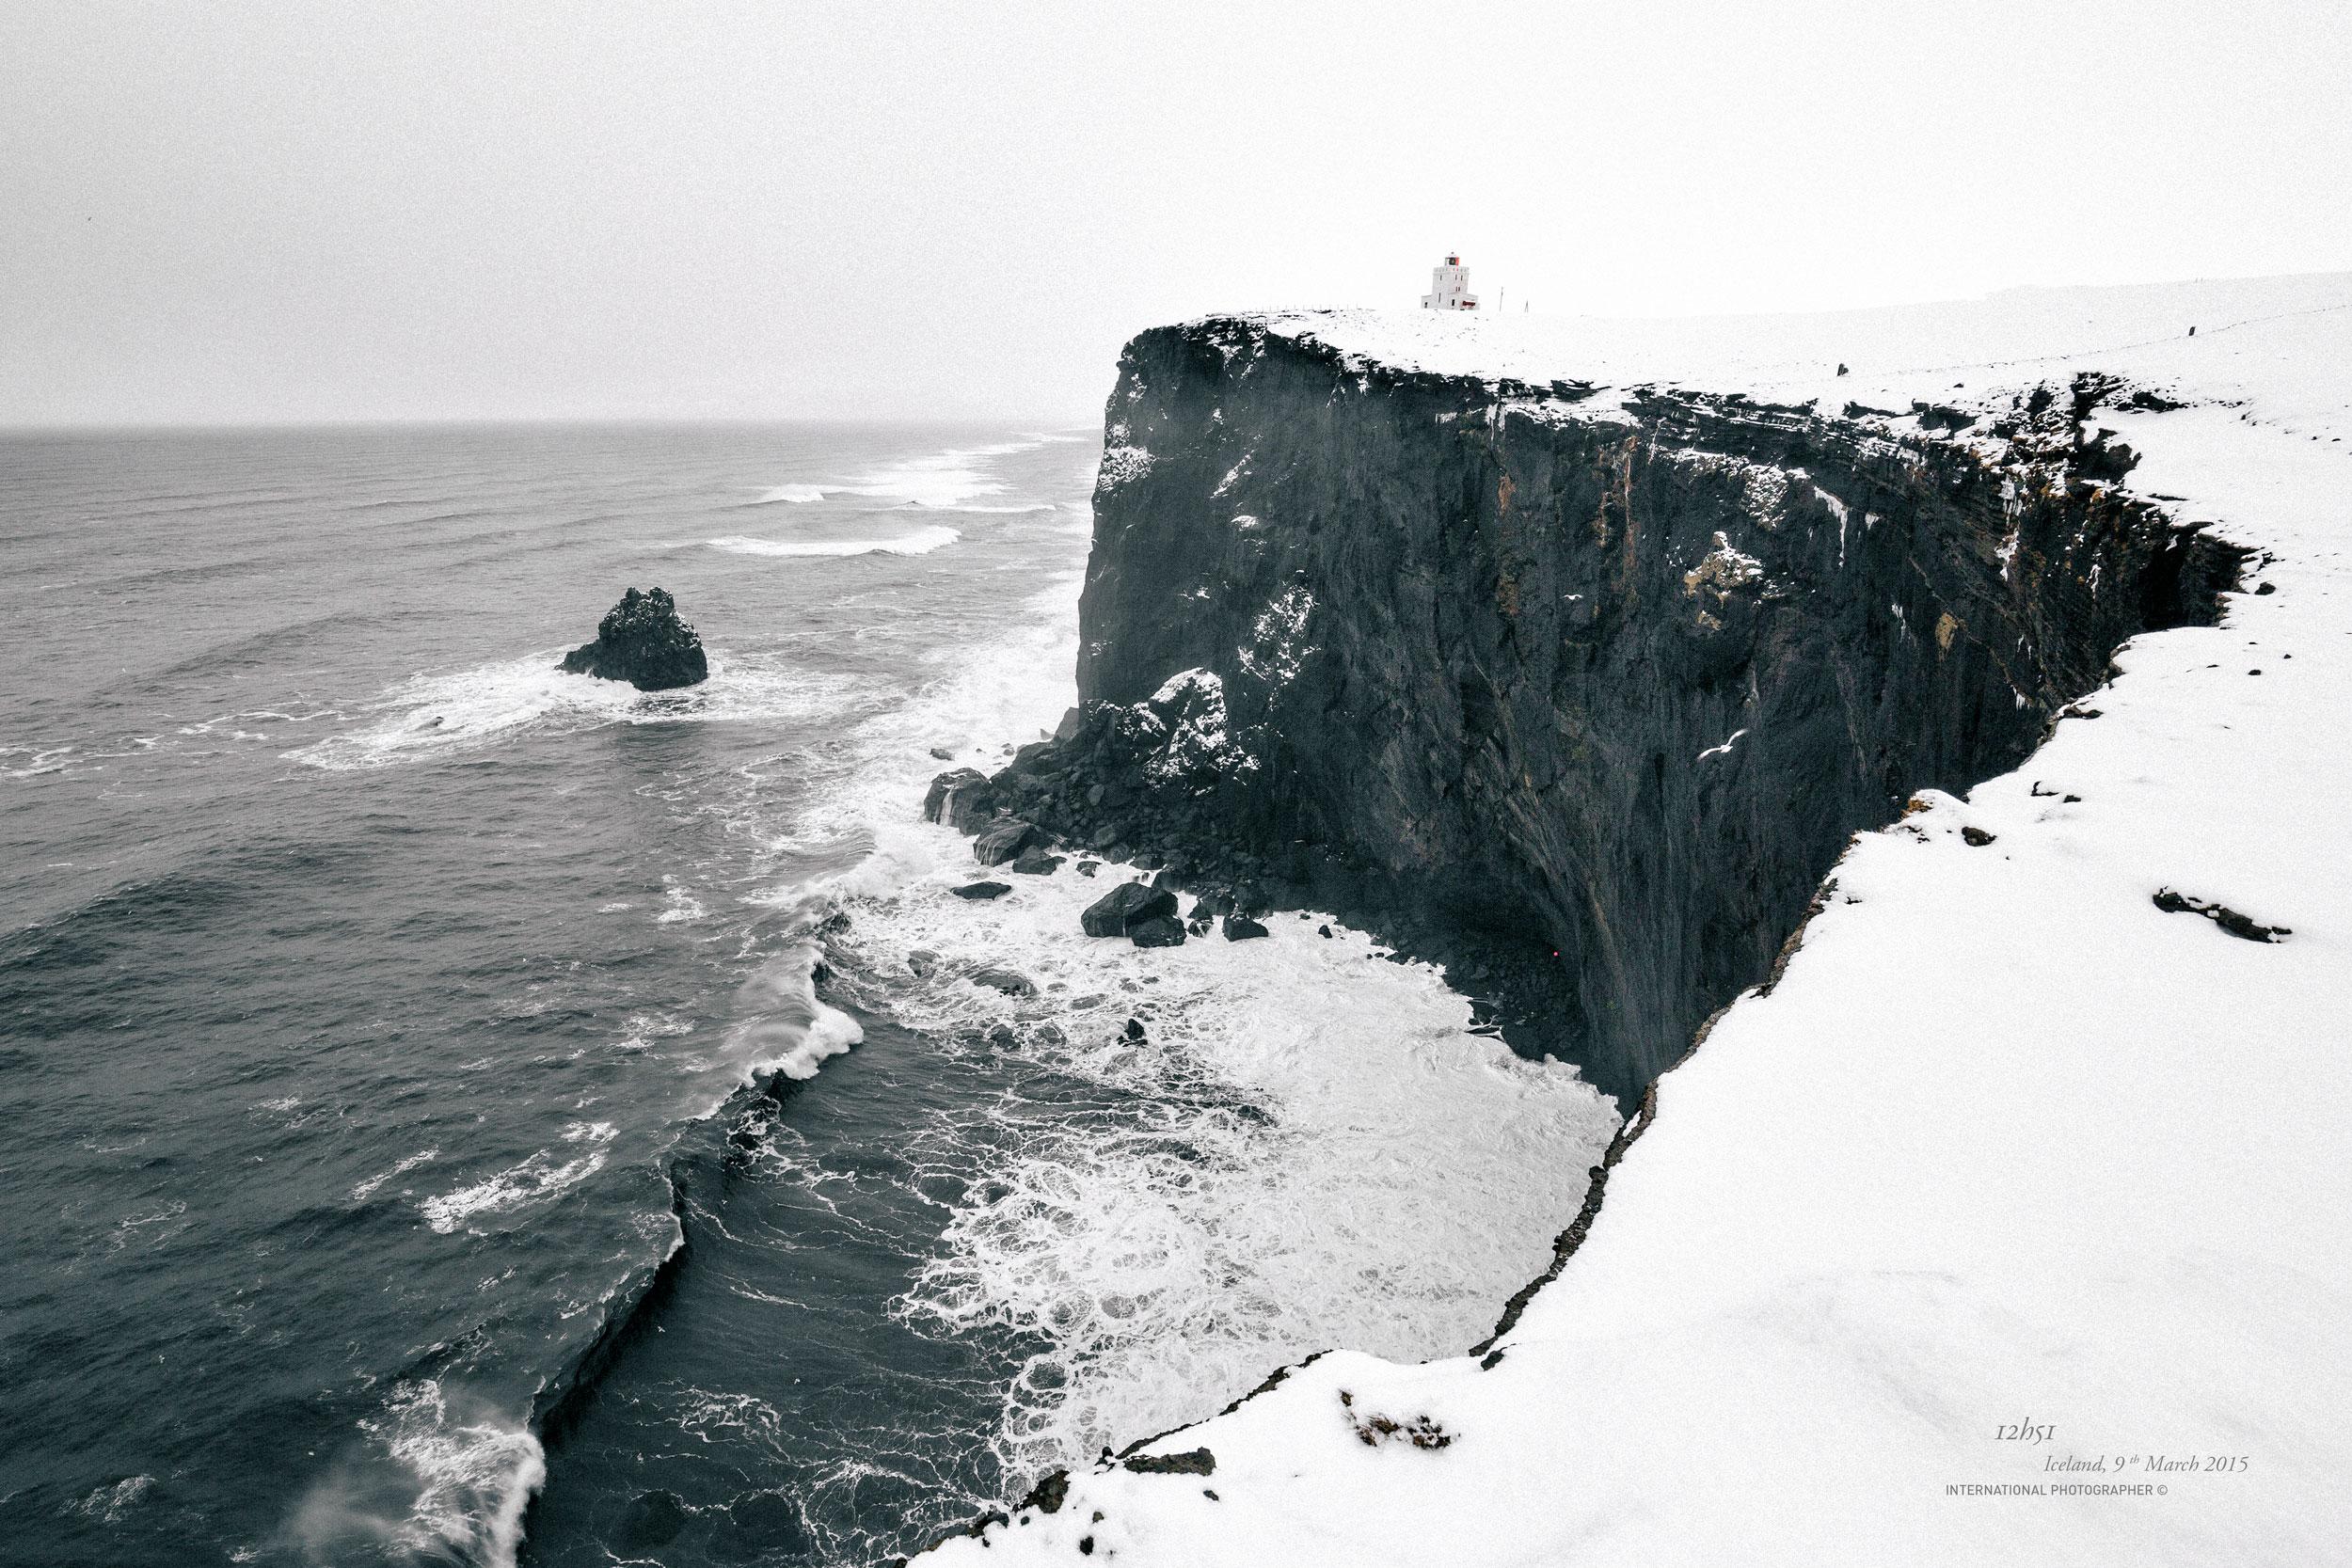 Le phare de Dyrholaey sous la neige devant la falaise